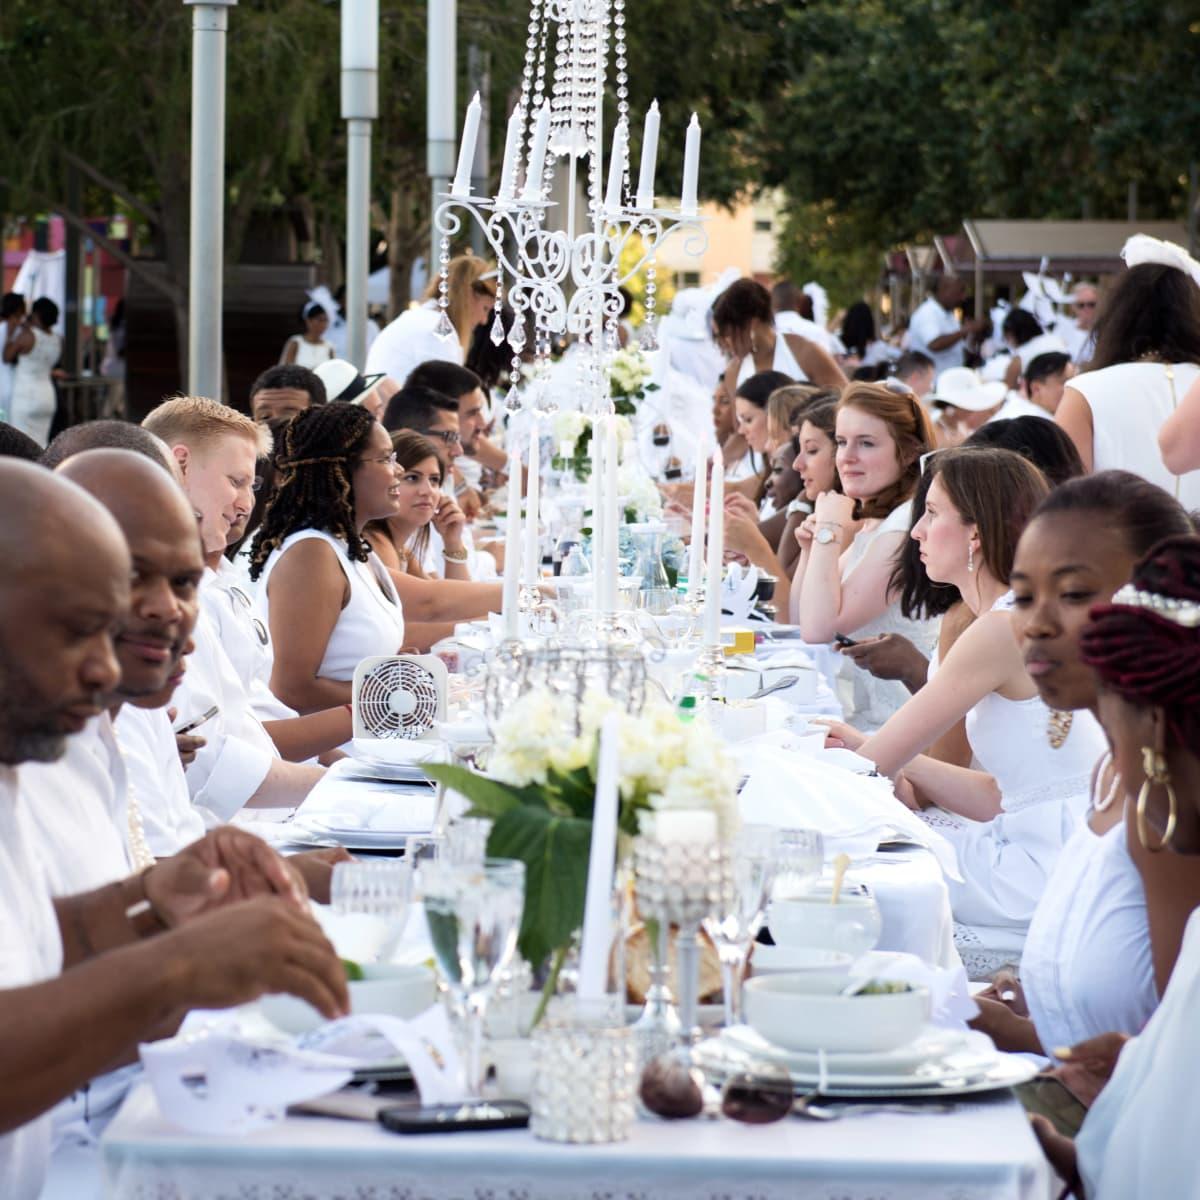 Houston, Diner en Blanc, June 2015, crowd shot